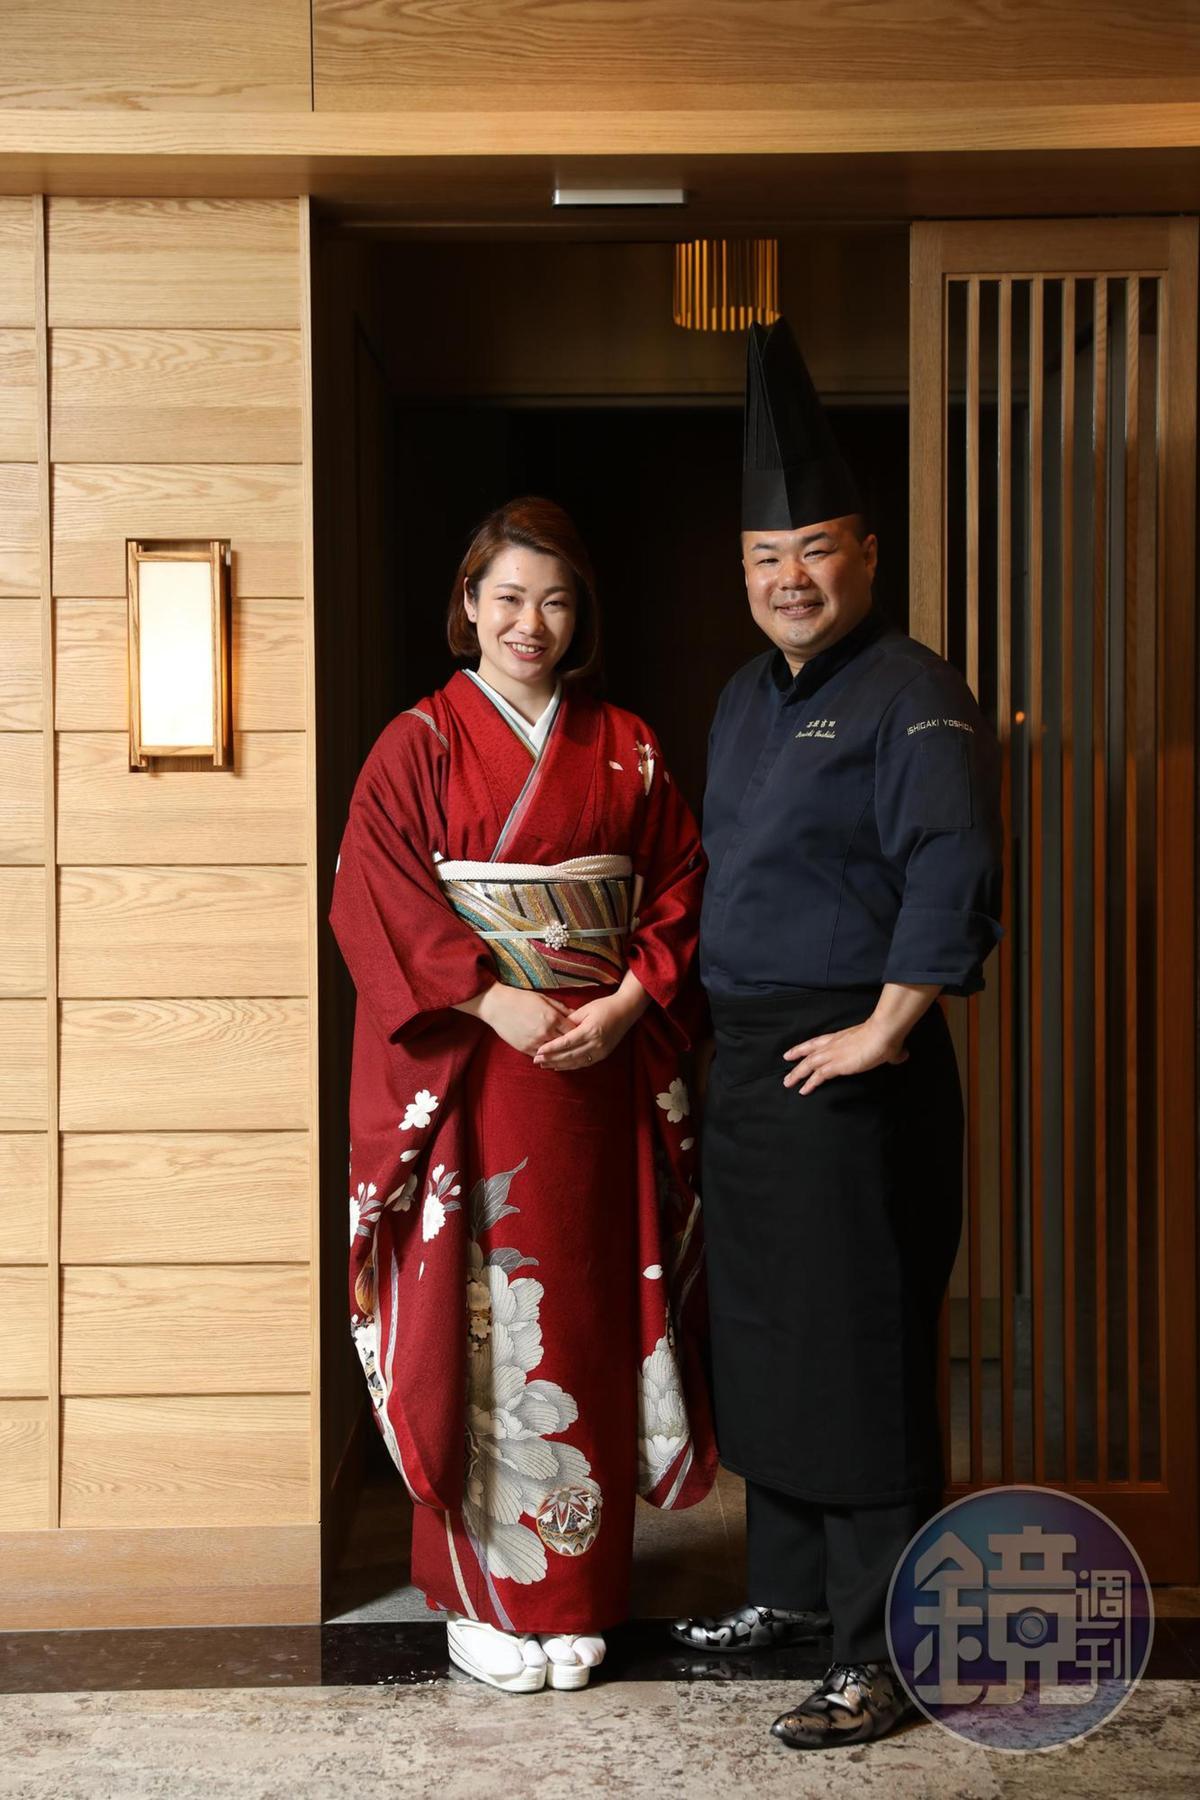 吉田純一(右)與太太七奈子共同來台打理開幕事宜。